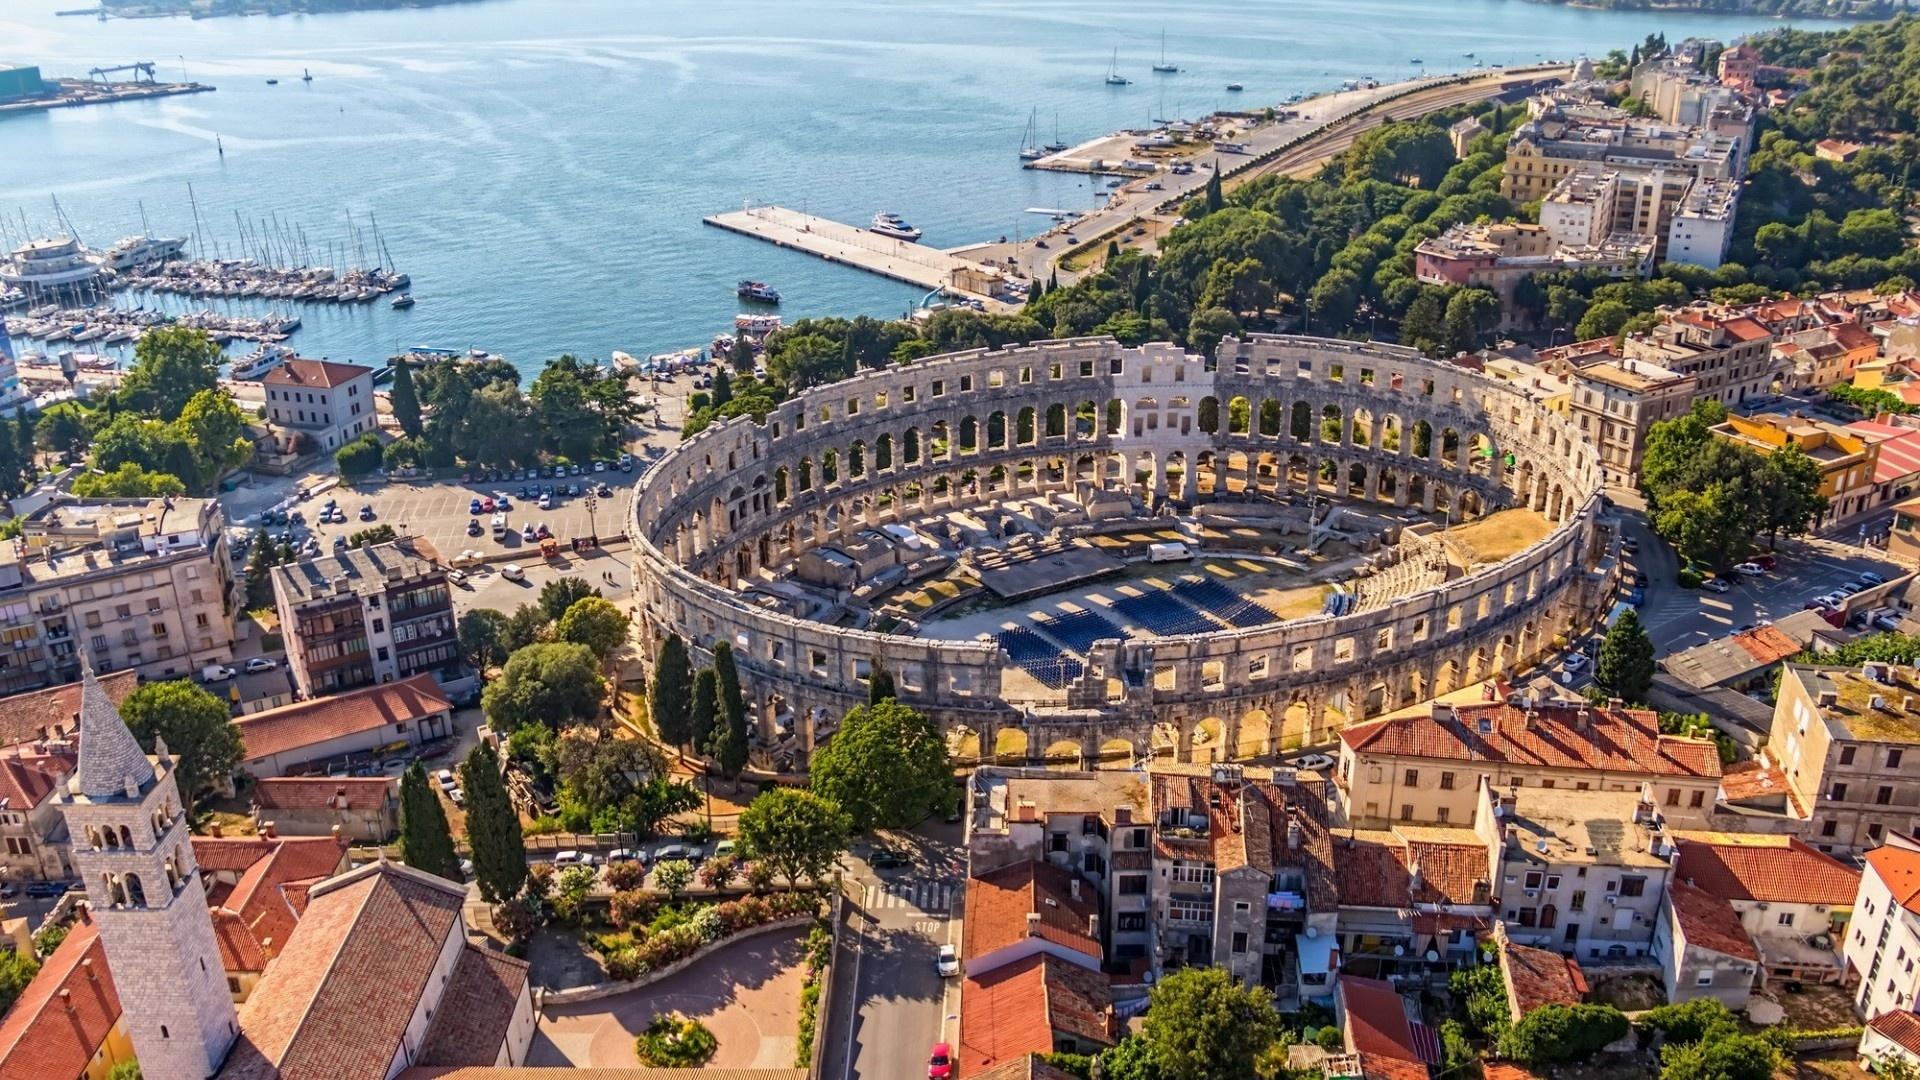 Город Пула примечателен прежде всего амфитеатром на 23 тысячи зрителей, одним из крупнейших в римской империи